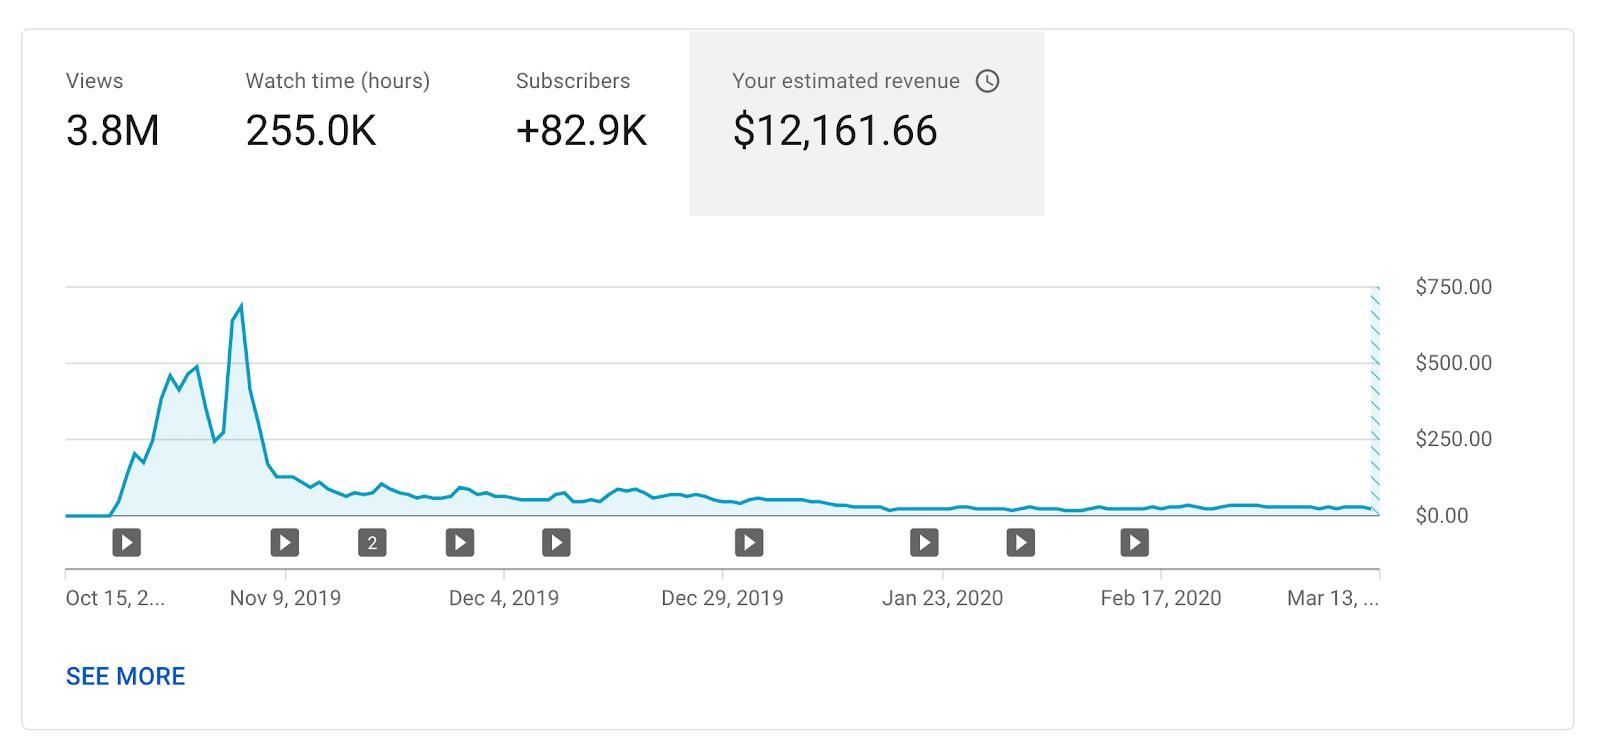 Will's channel revenue